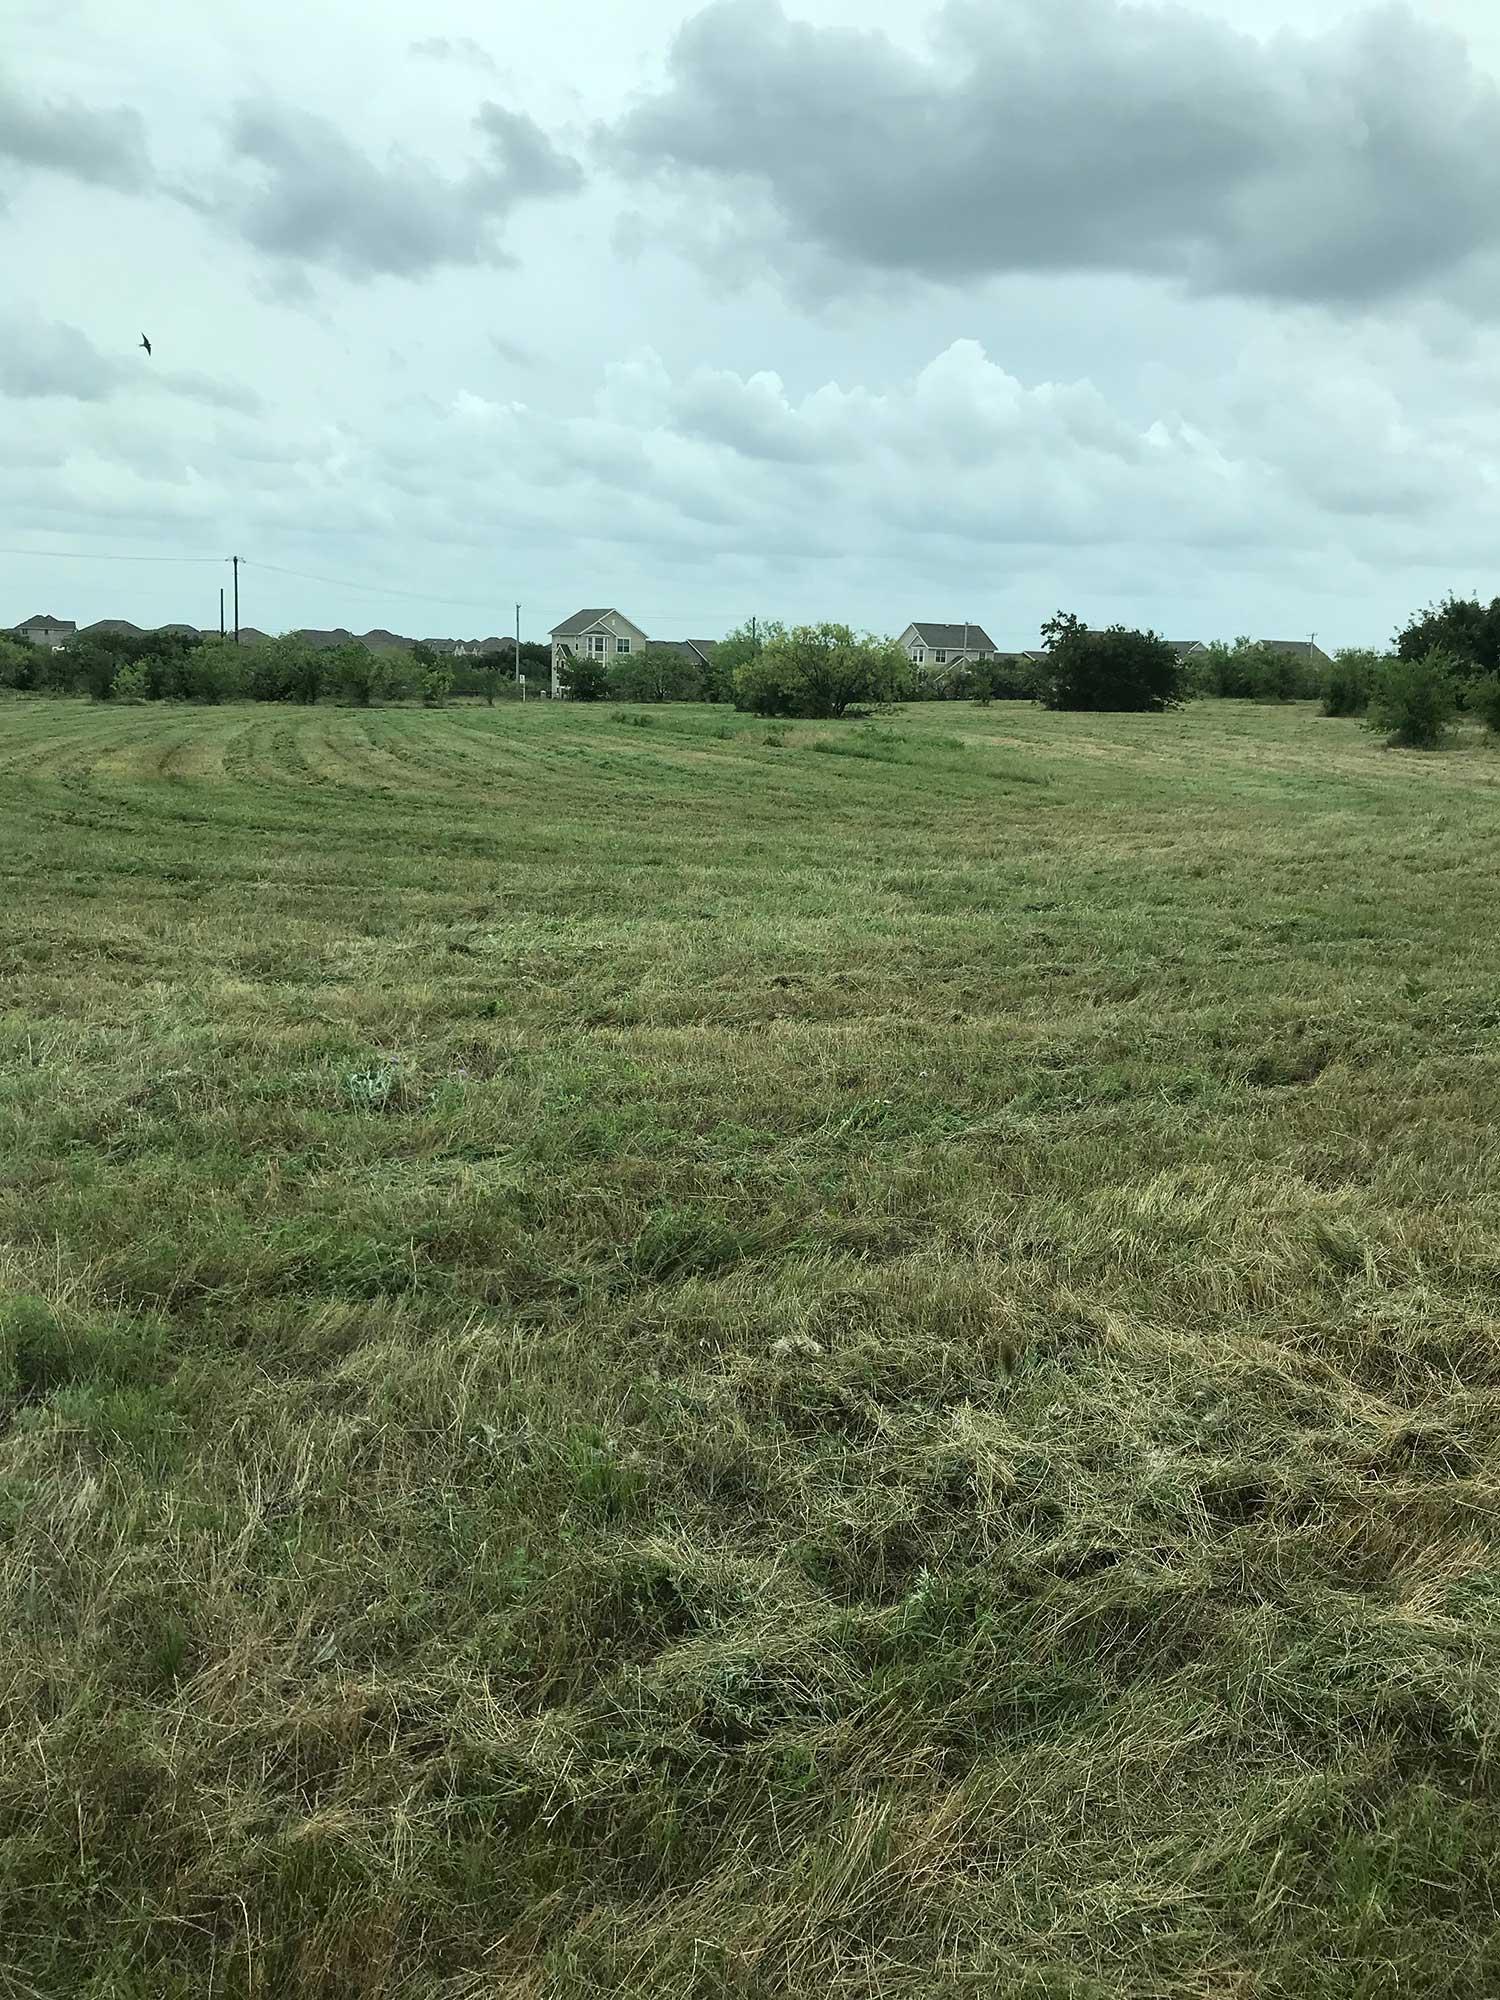 Cut grass